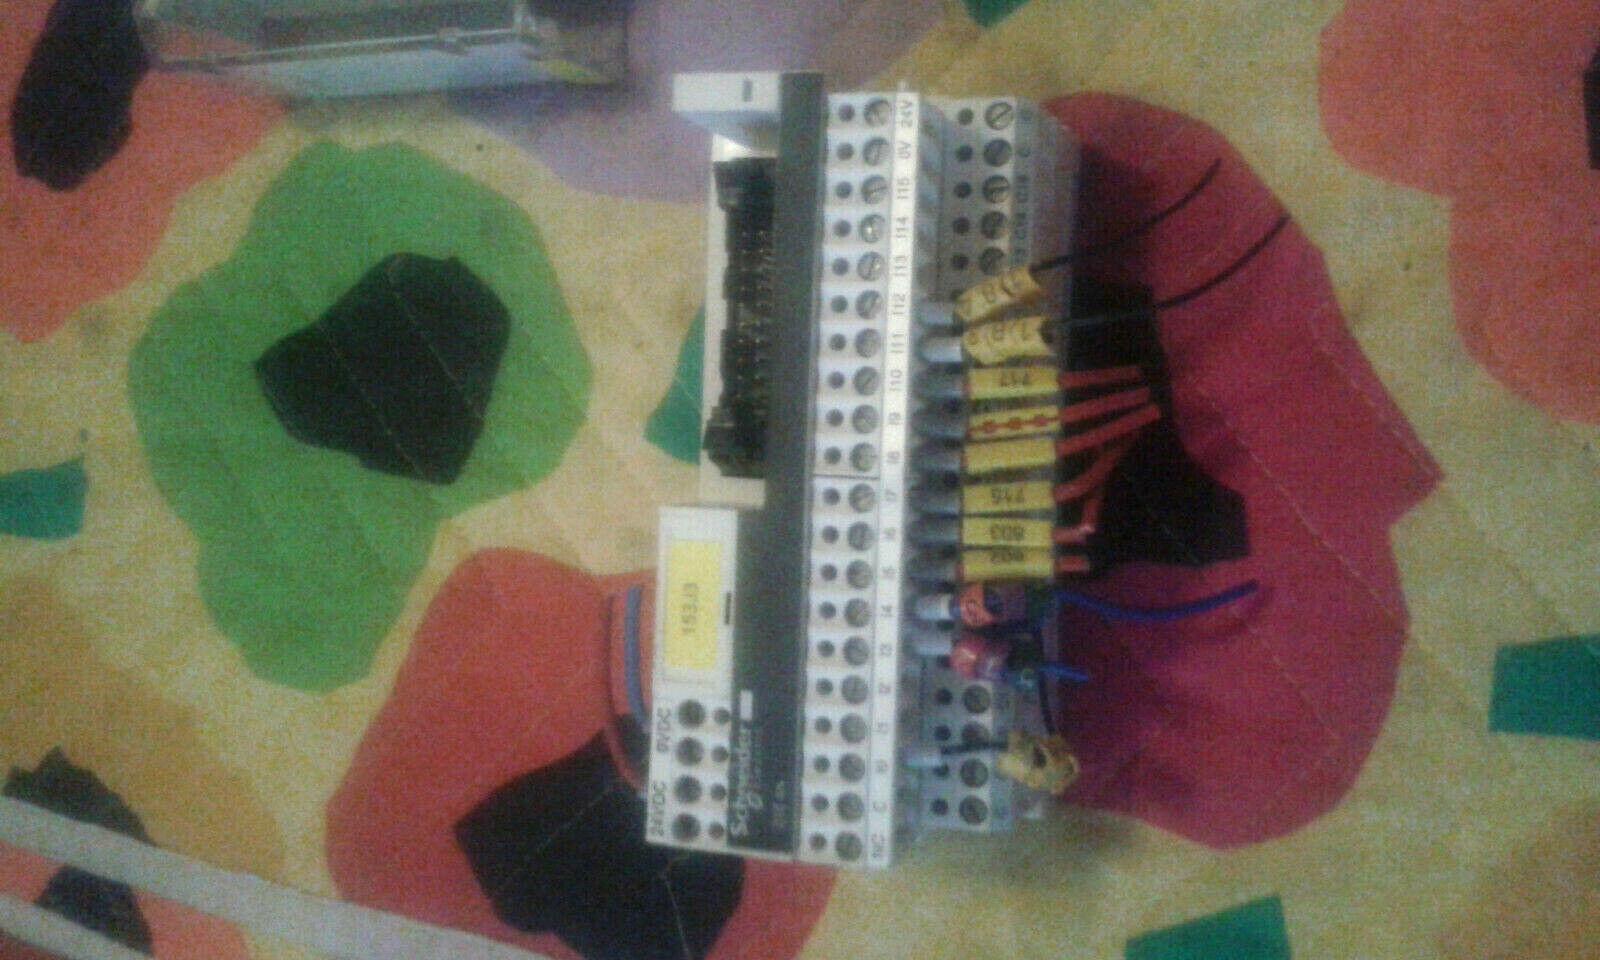 Schneider electric modicon ABE7 E16EPN20